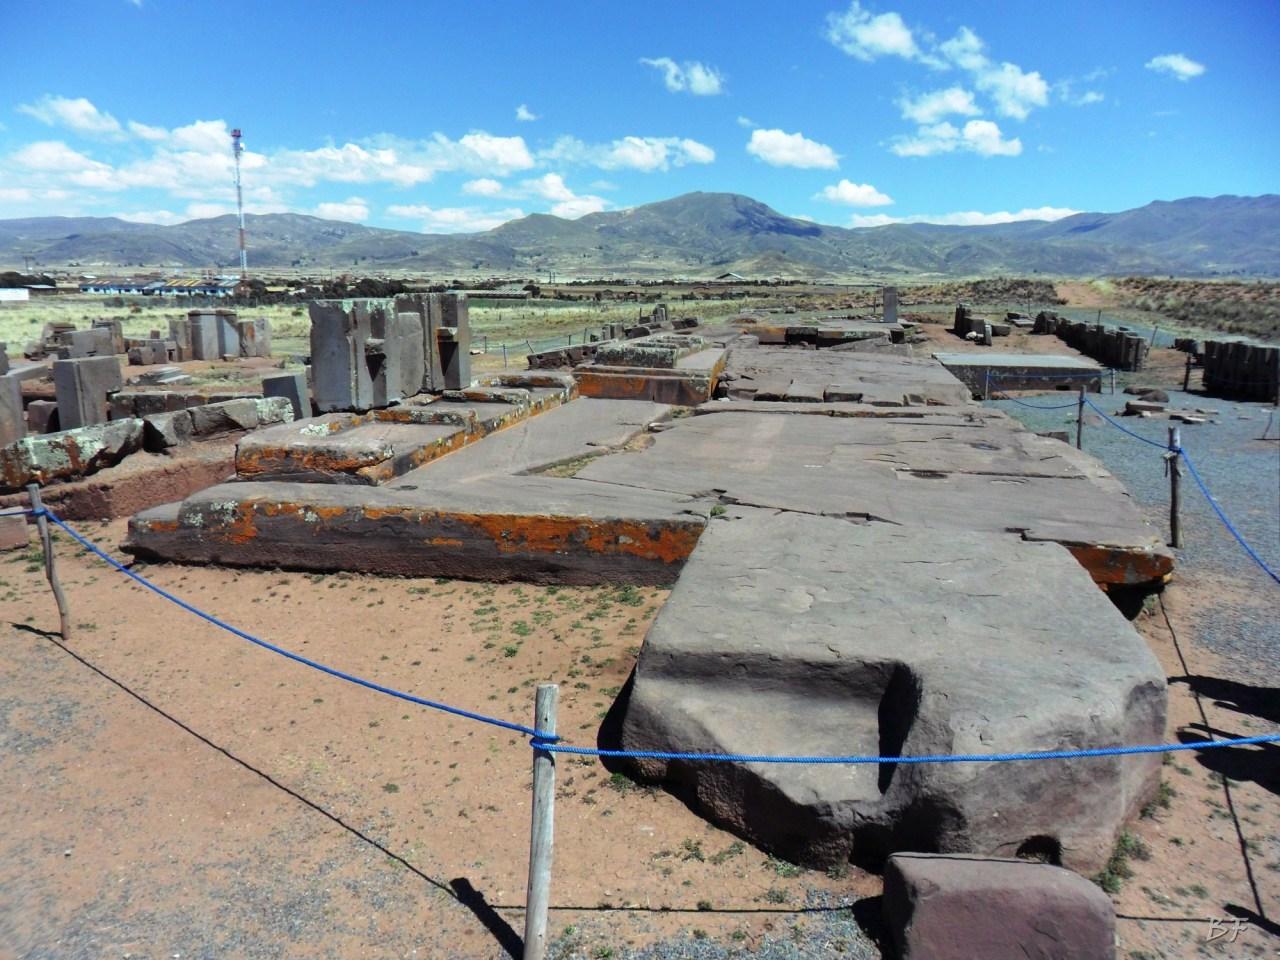 Puma-Punku-Area-Megalitica-Mura-Poligonali-Megaliti-Tiwanaku-Tiahuanaco-Bolivia-75